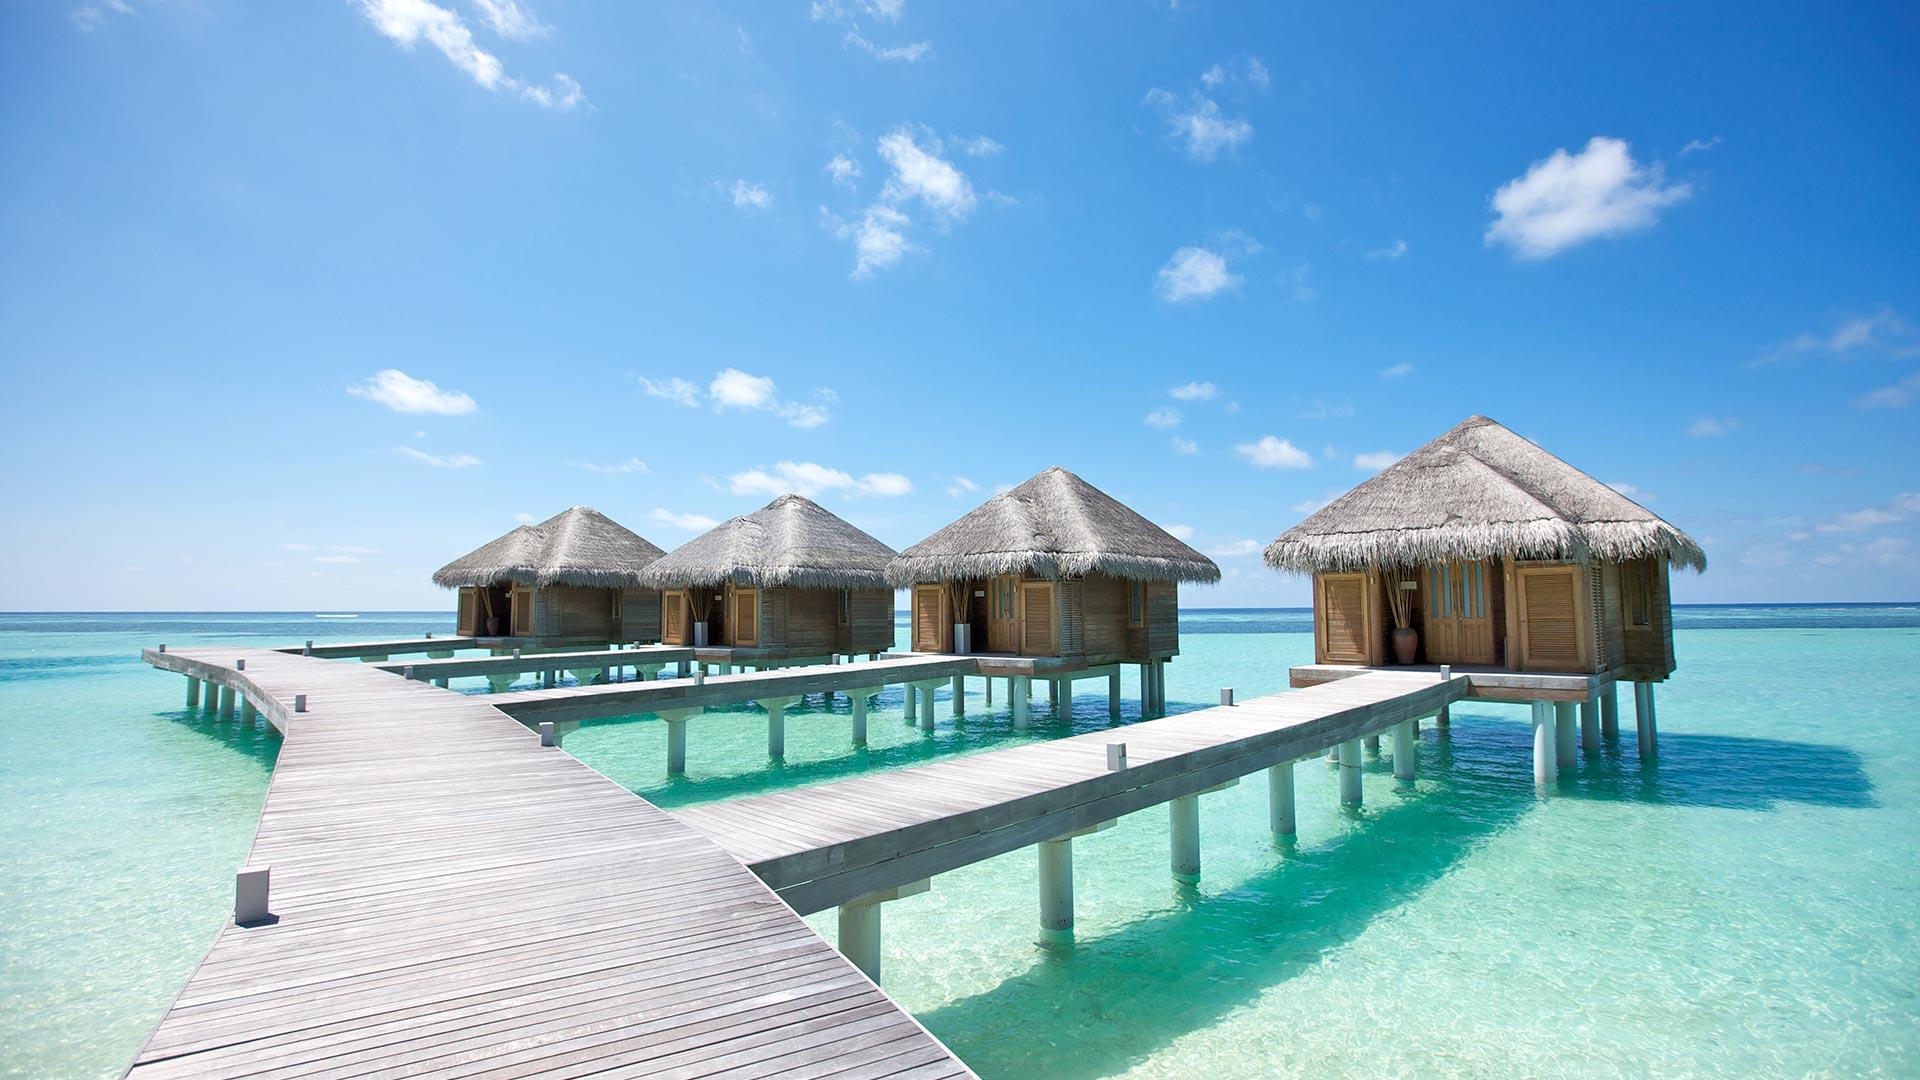 Sélection de vols (A/R) pour les Maldives en promotion - Ex : Paris-Malé (du 23 sept. au 1er oct.)